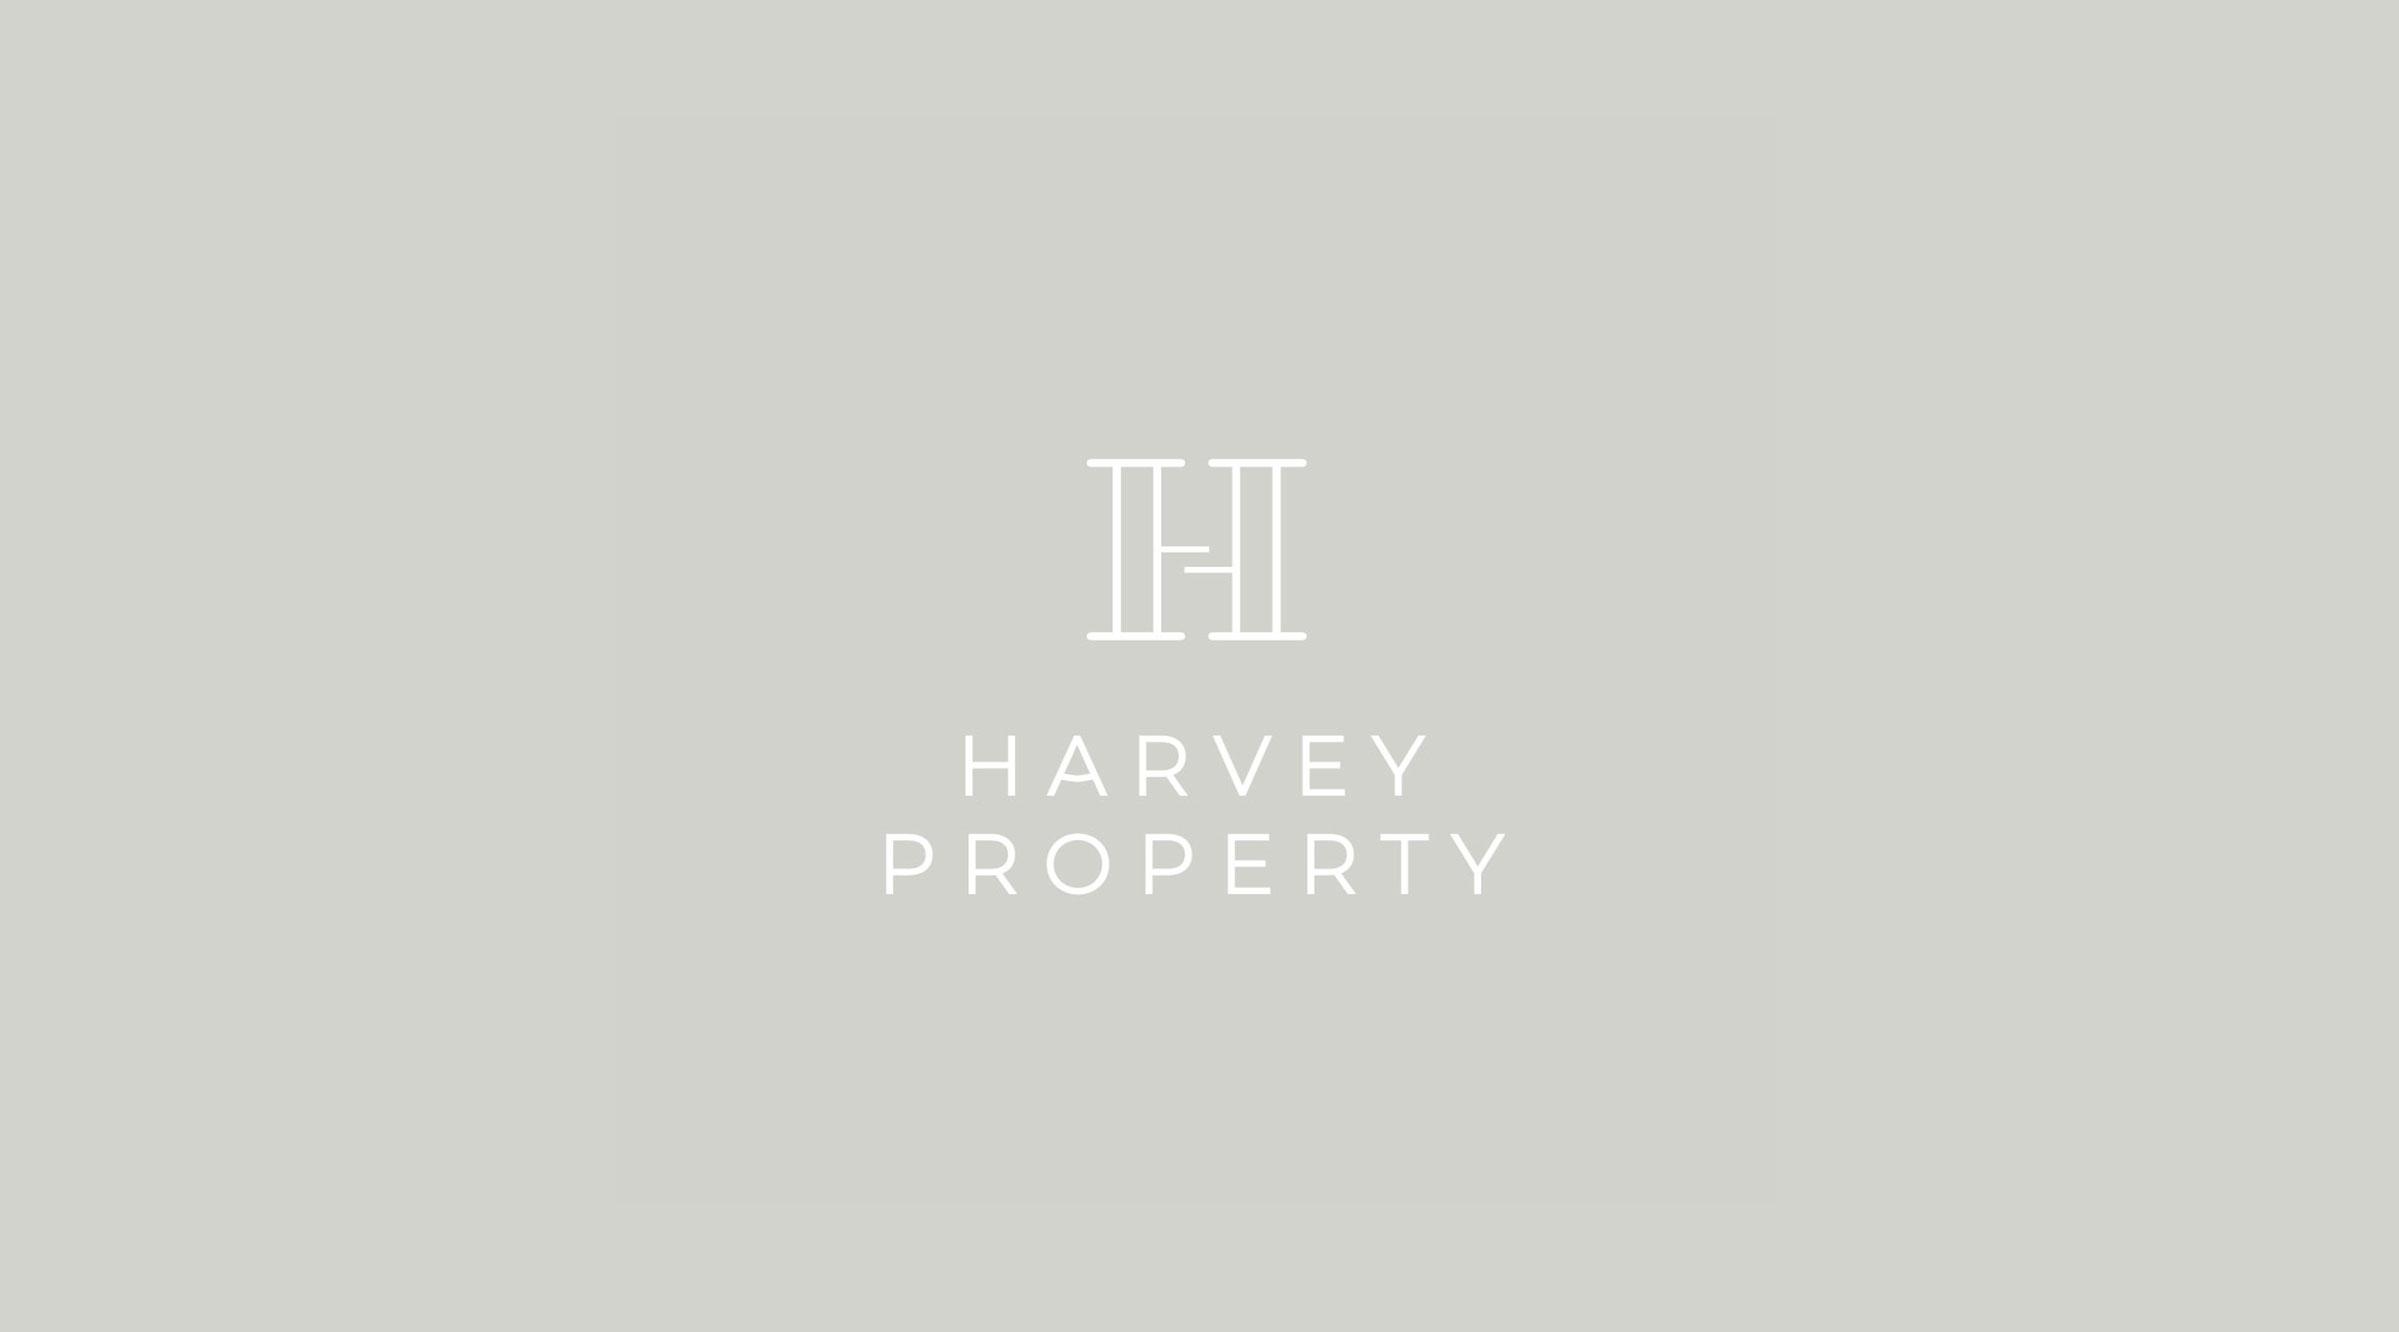 HARVEY PROPERTY